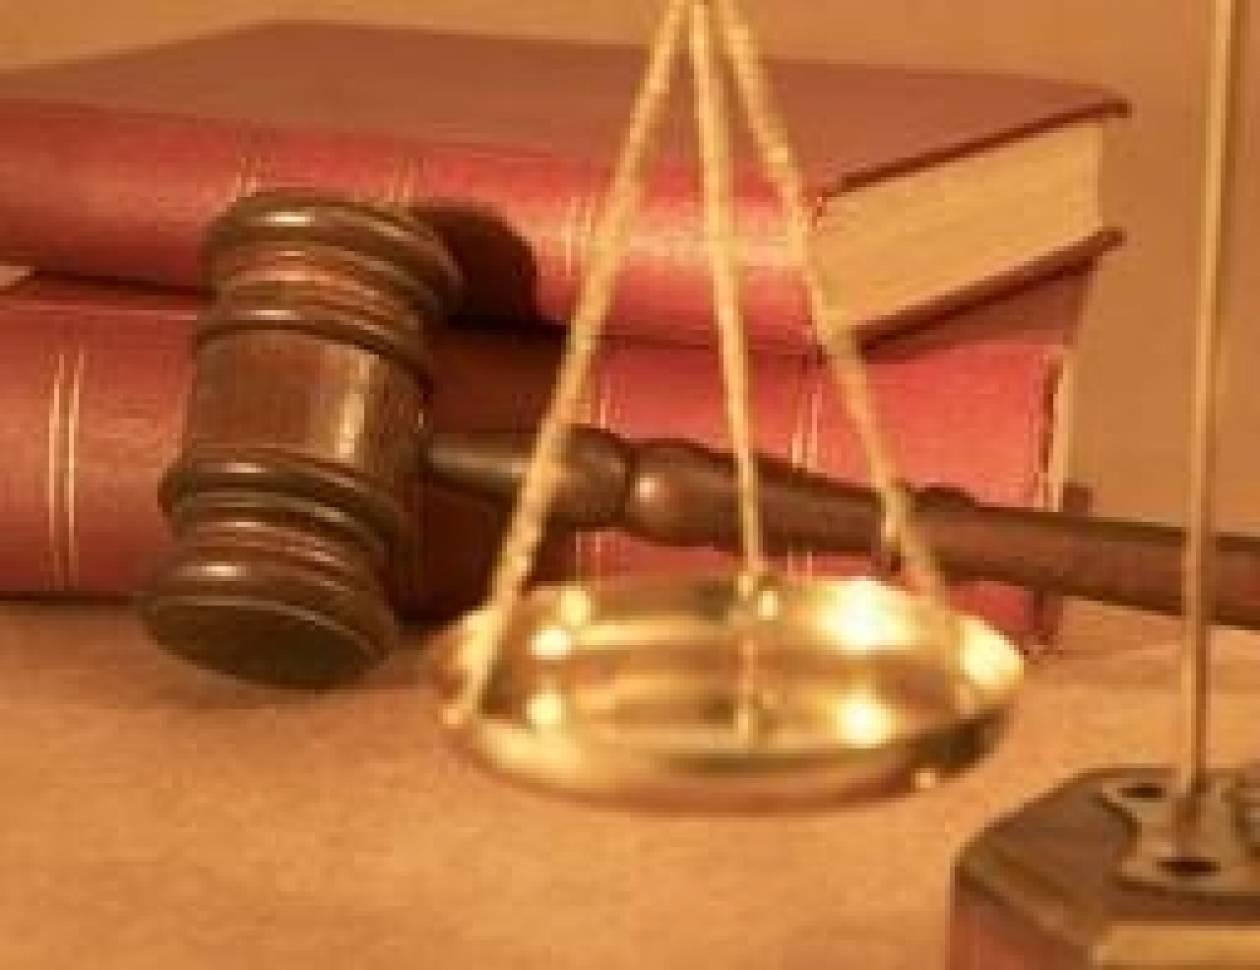 Ηράκλειο : Ο Αρης Ροζάκης νέος πρόεδρος του Δικηγορικού Συλλόγου